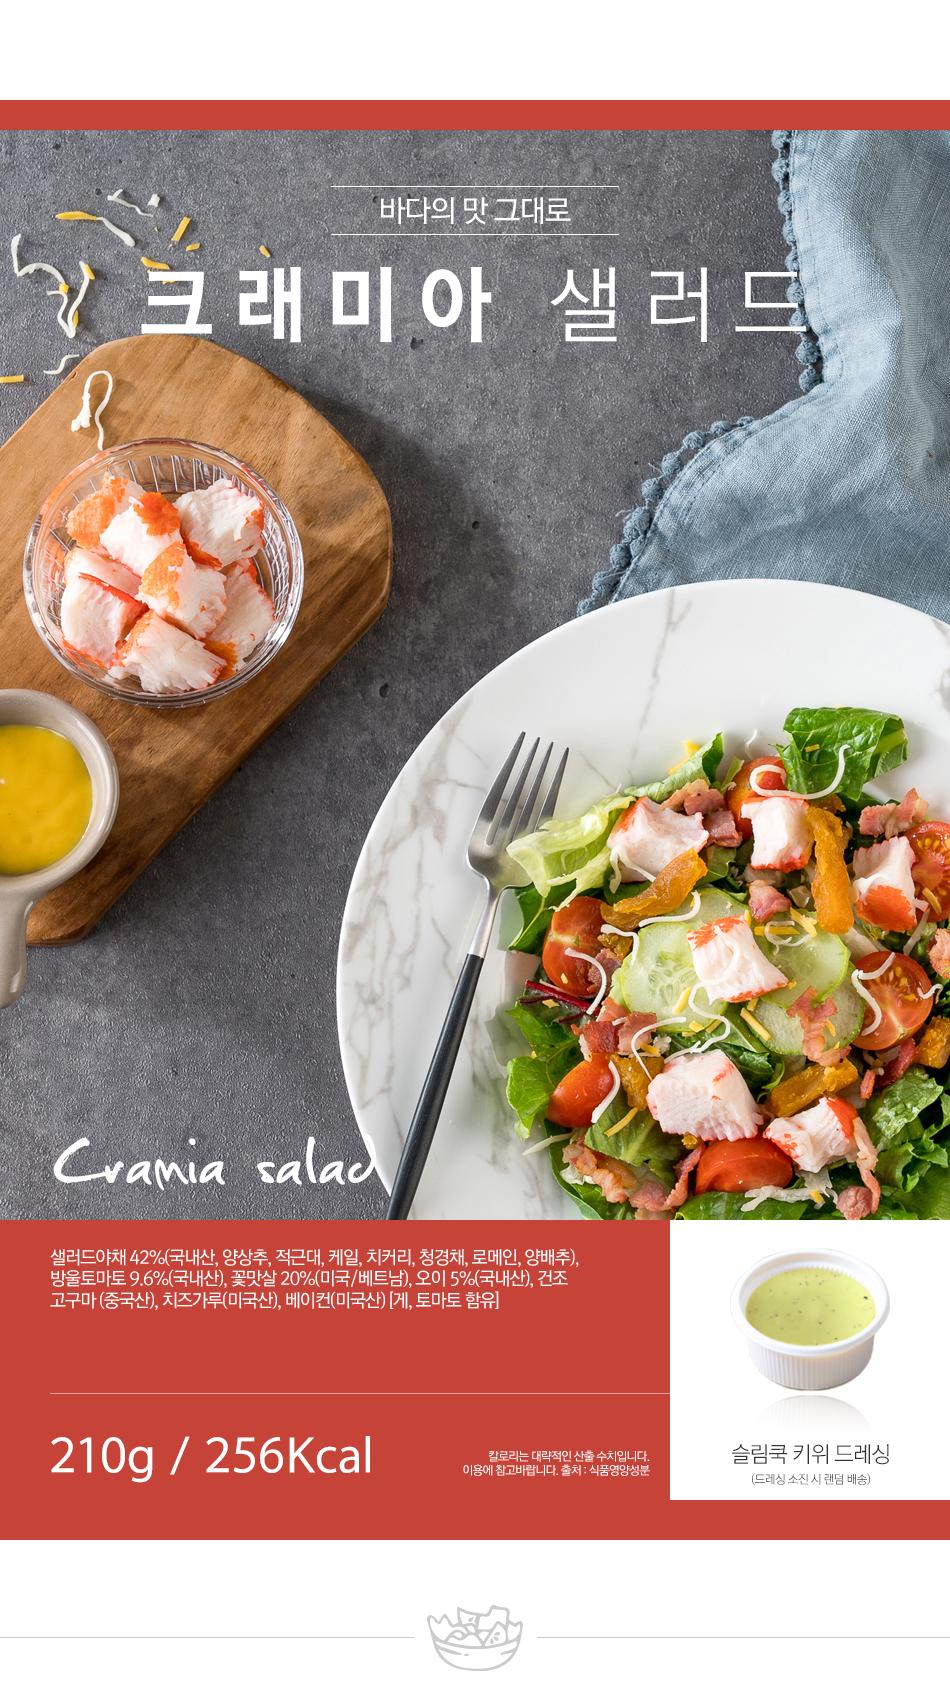 슬림쿡 샐러드 크래미